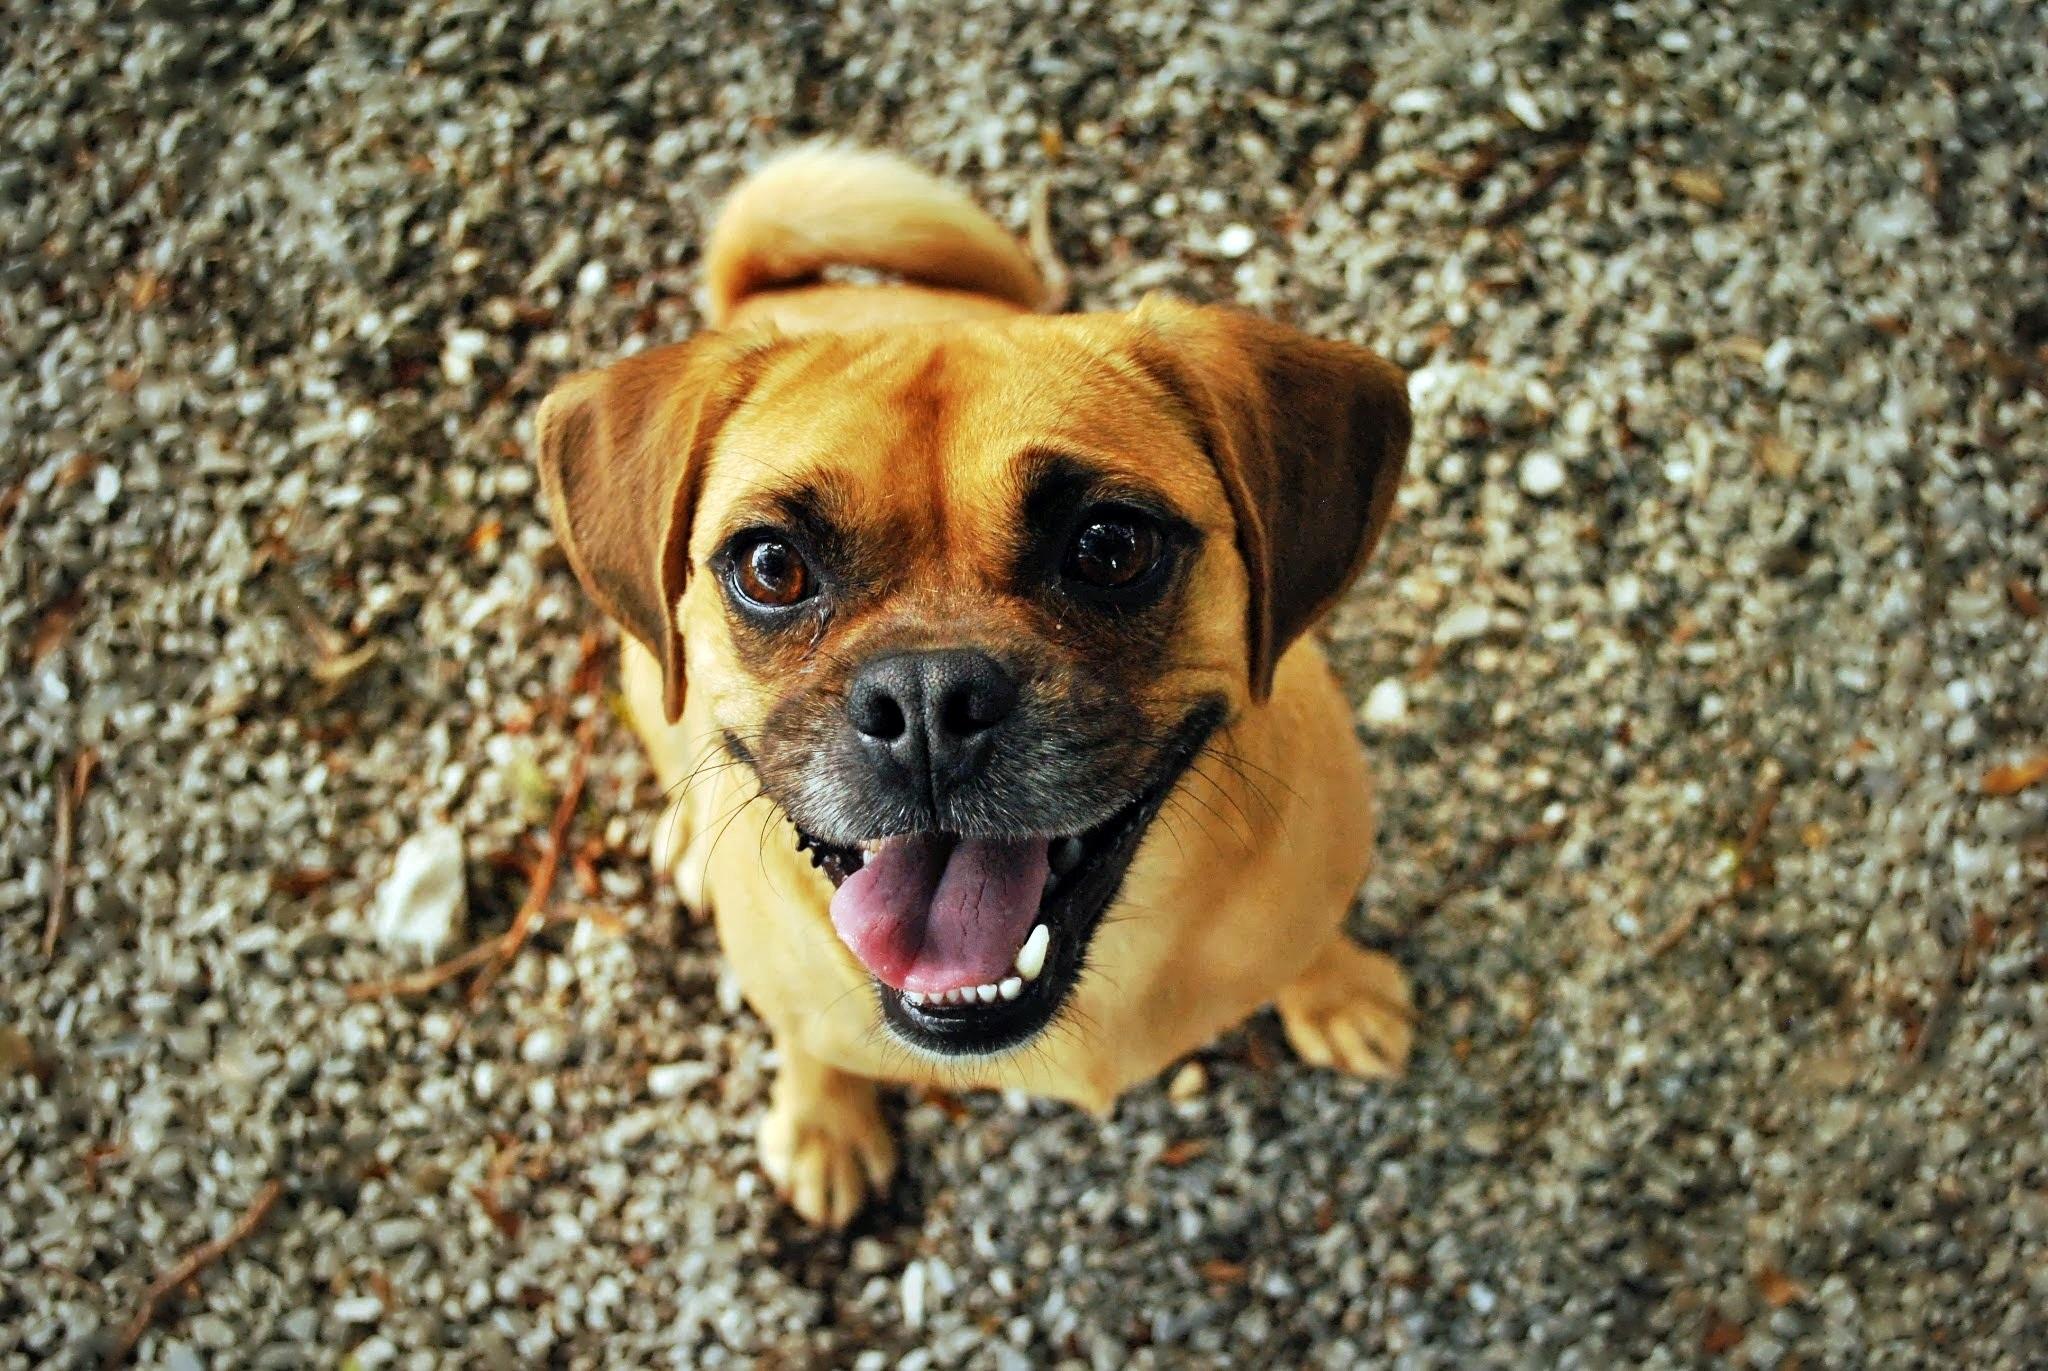 Free Images Puppy Cute Pet Portrait Smiling Pug